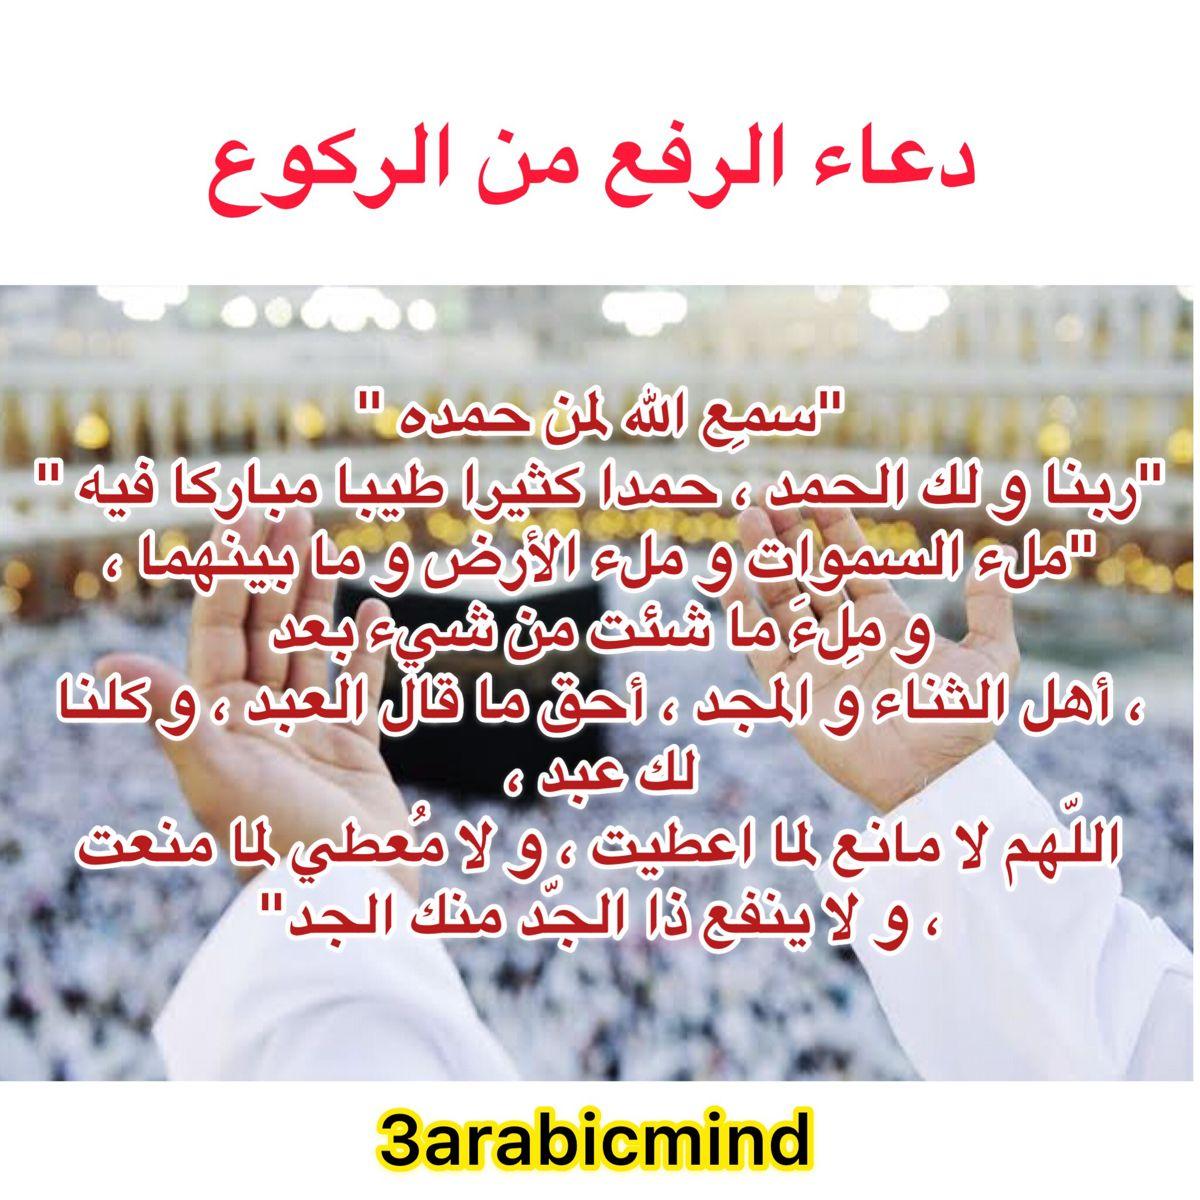 دعاء الرفع من الركوع Arabic Quotes Quotes Periodic Table